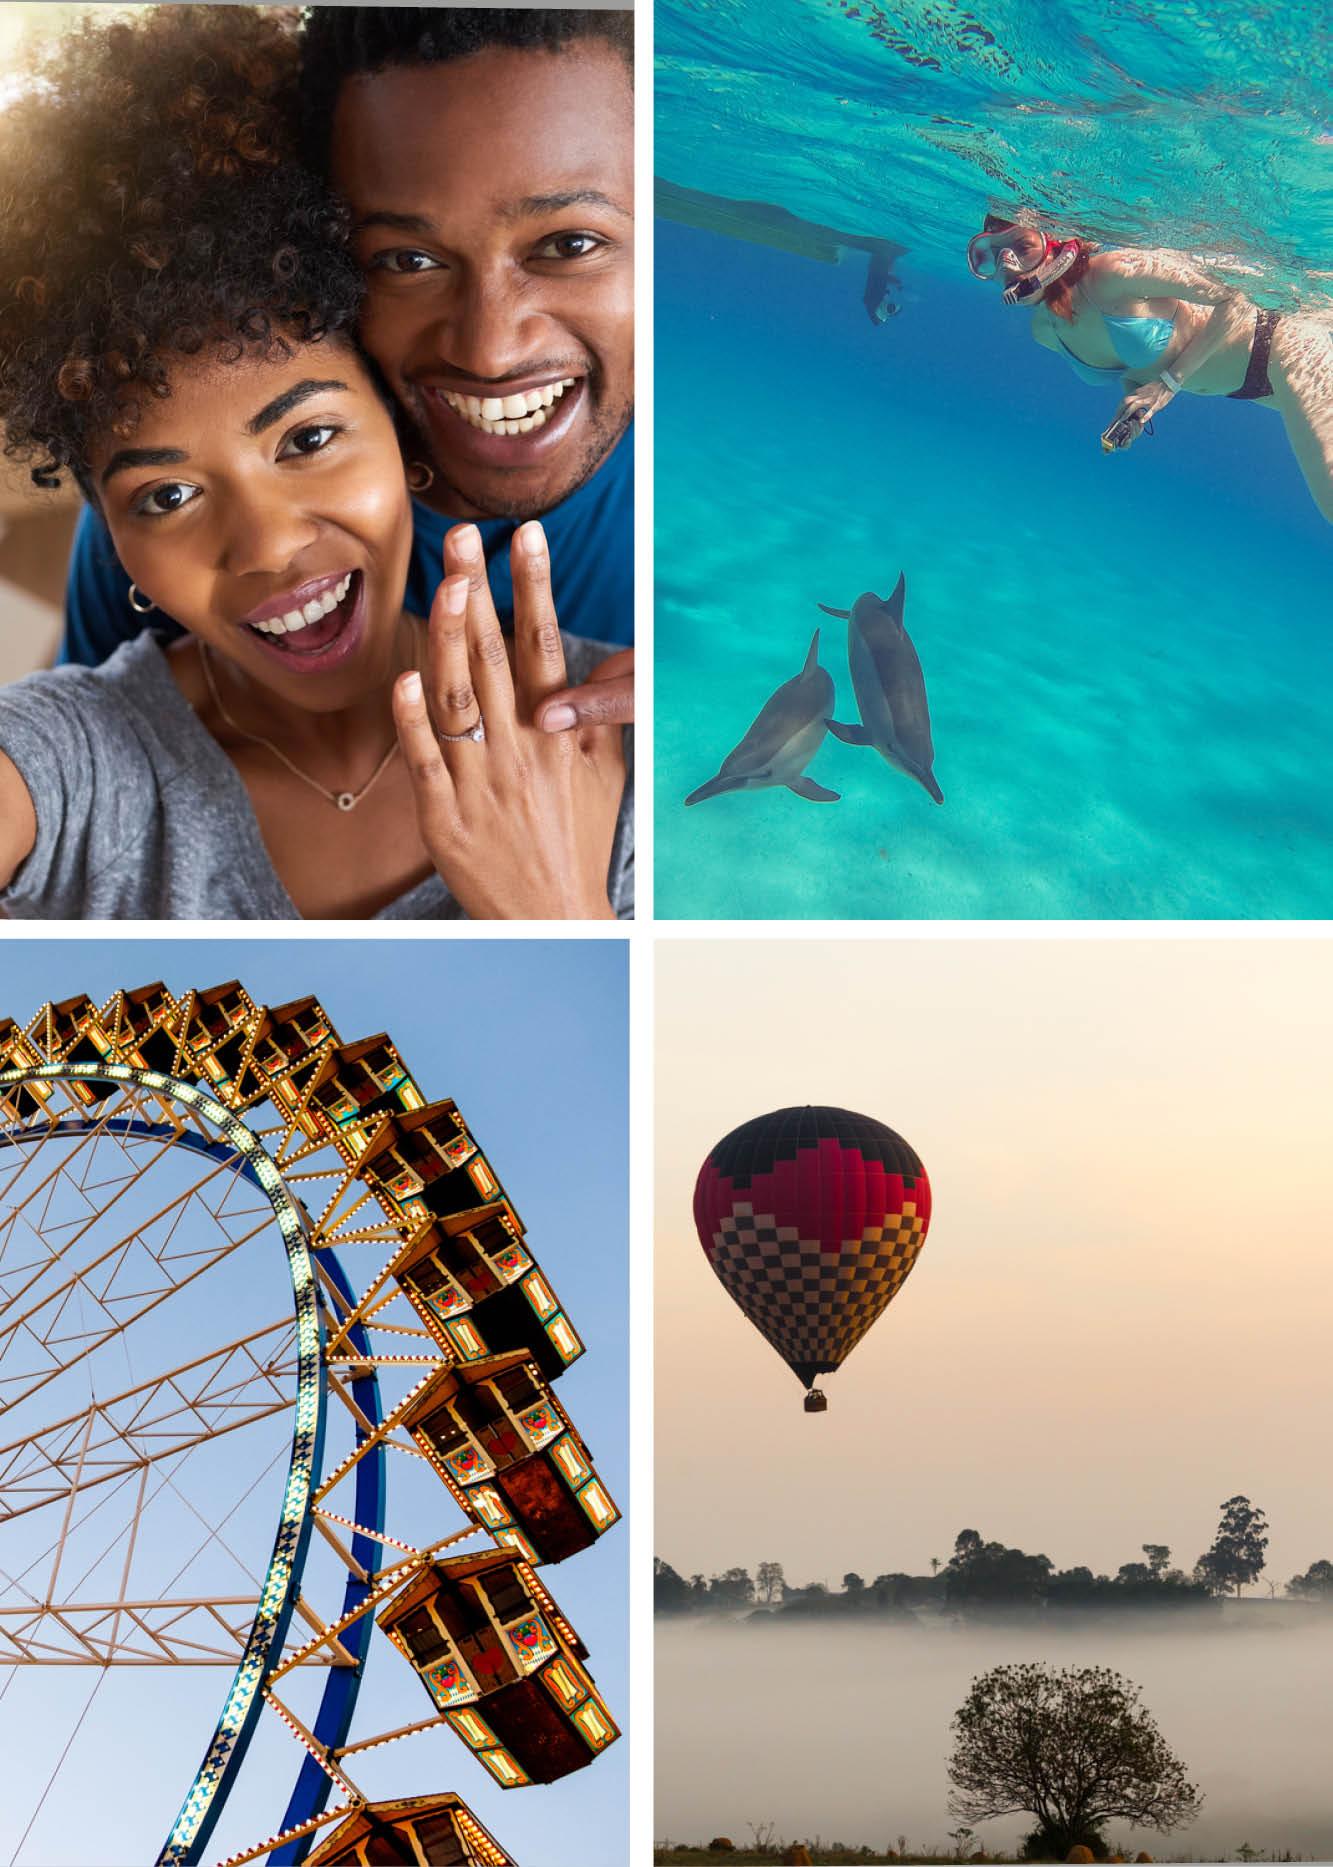 Antrag zu Hause, beim Delphinschwimmen, im Karusell oder im Heißluftballon